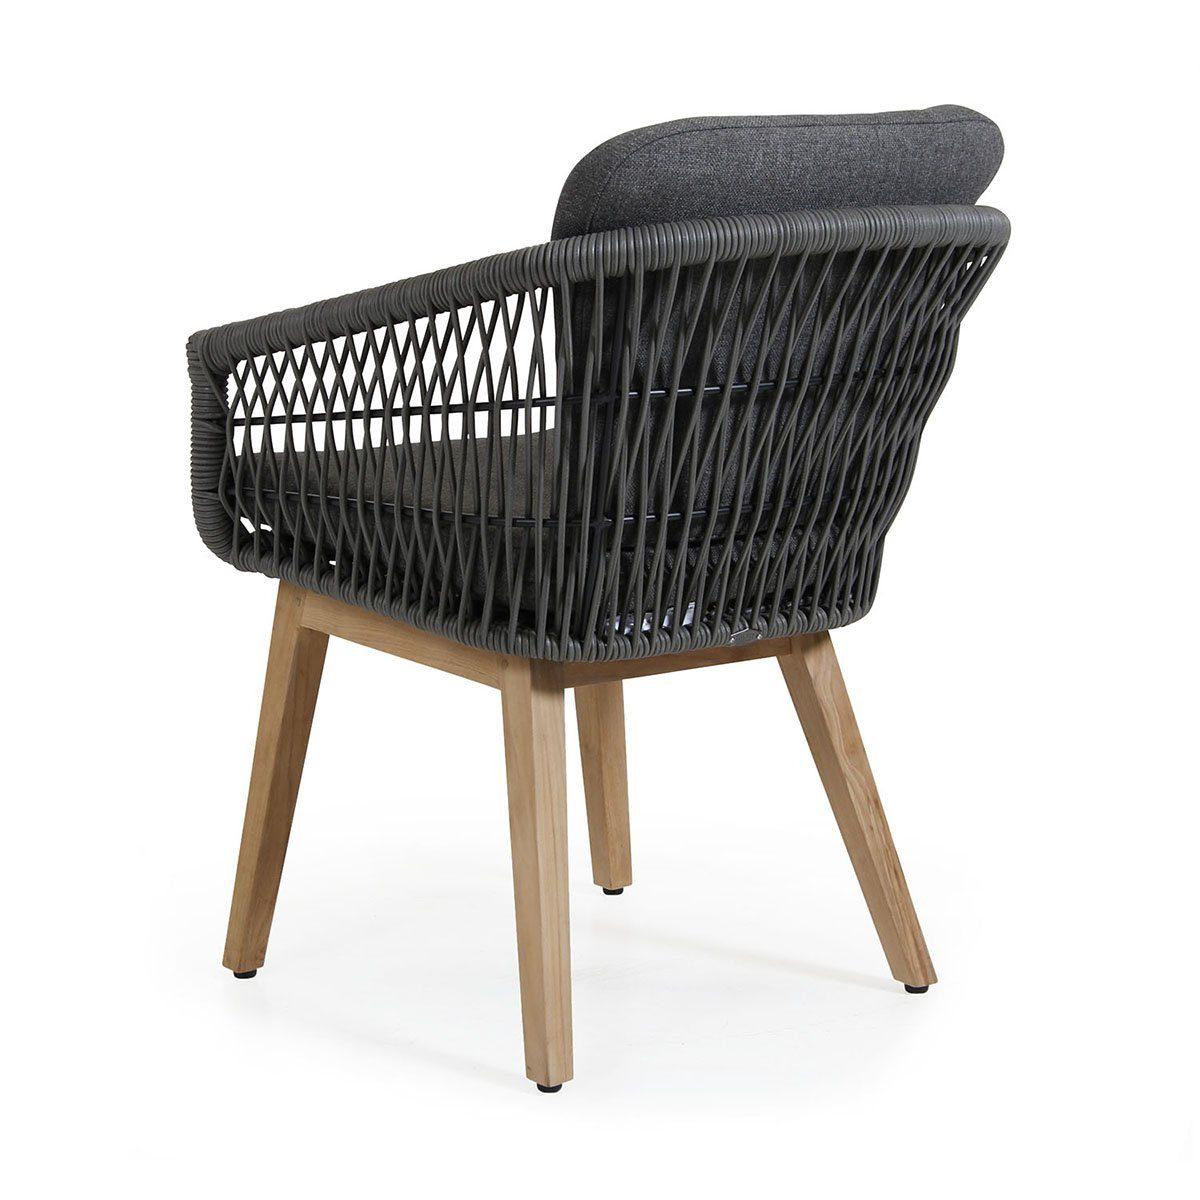 Kenton karmstol i teak och grå konstrotting från Brafab.